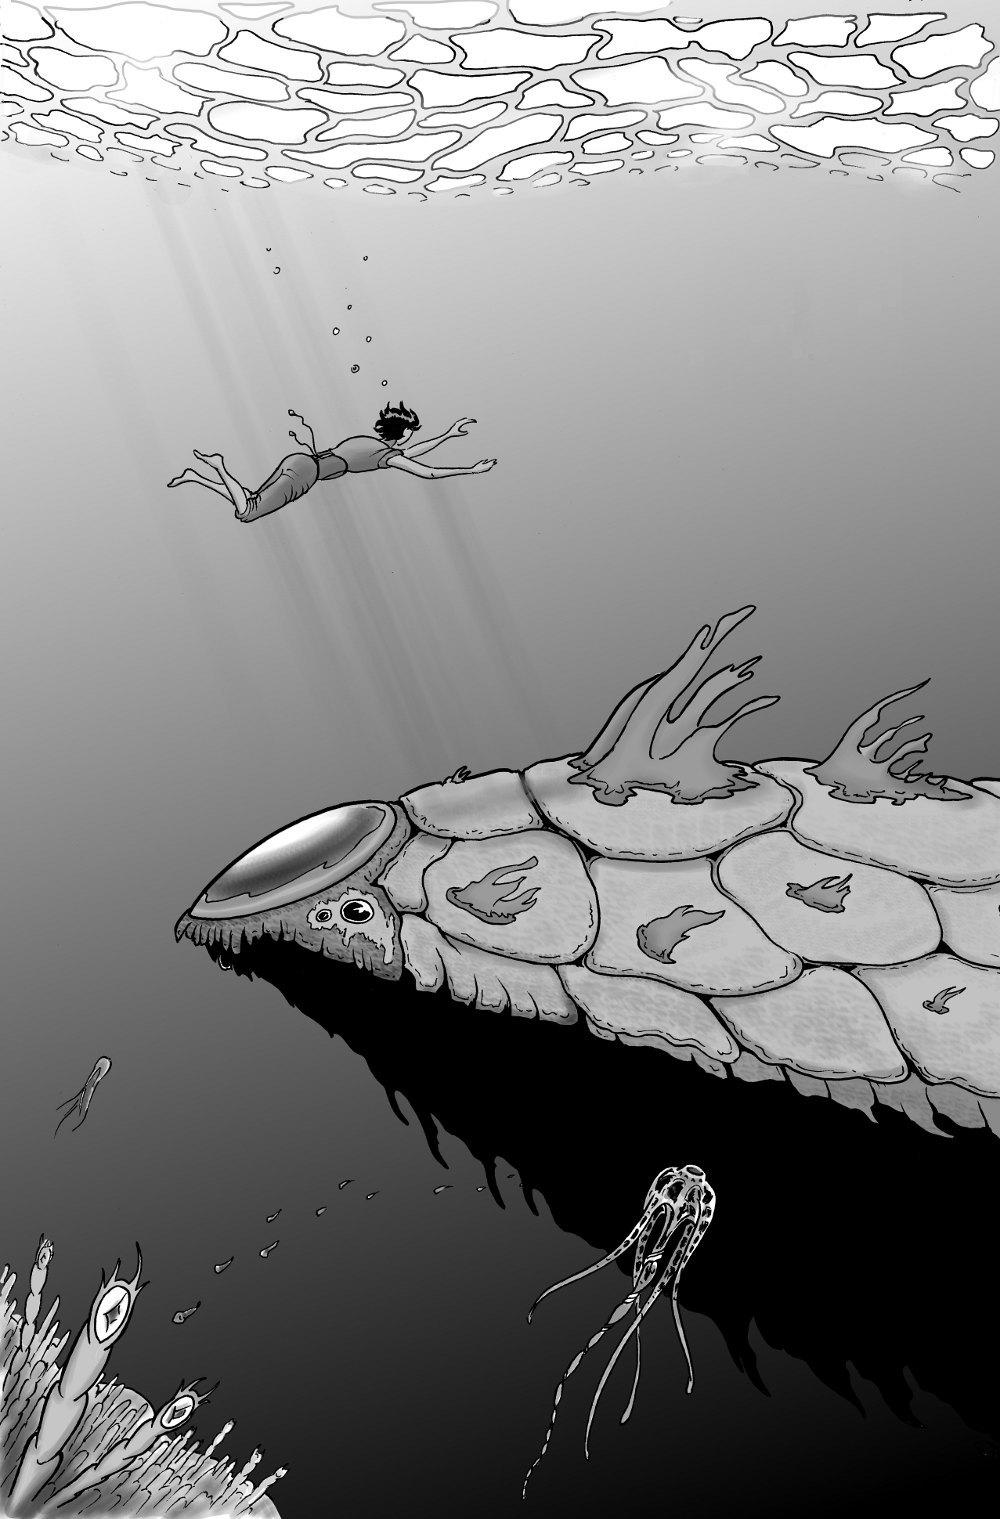 Rencontre aquatique, à paraître bientôt dans Nexuz3! Image en tons de gris